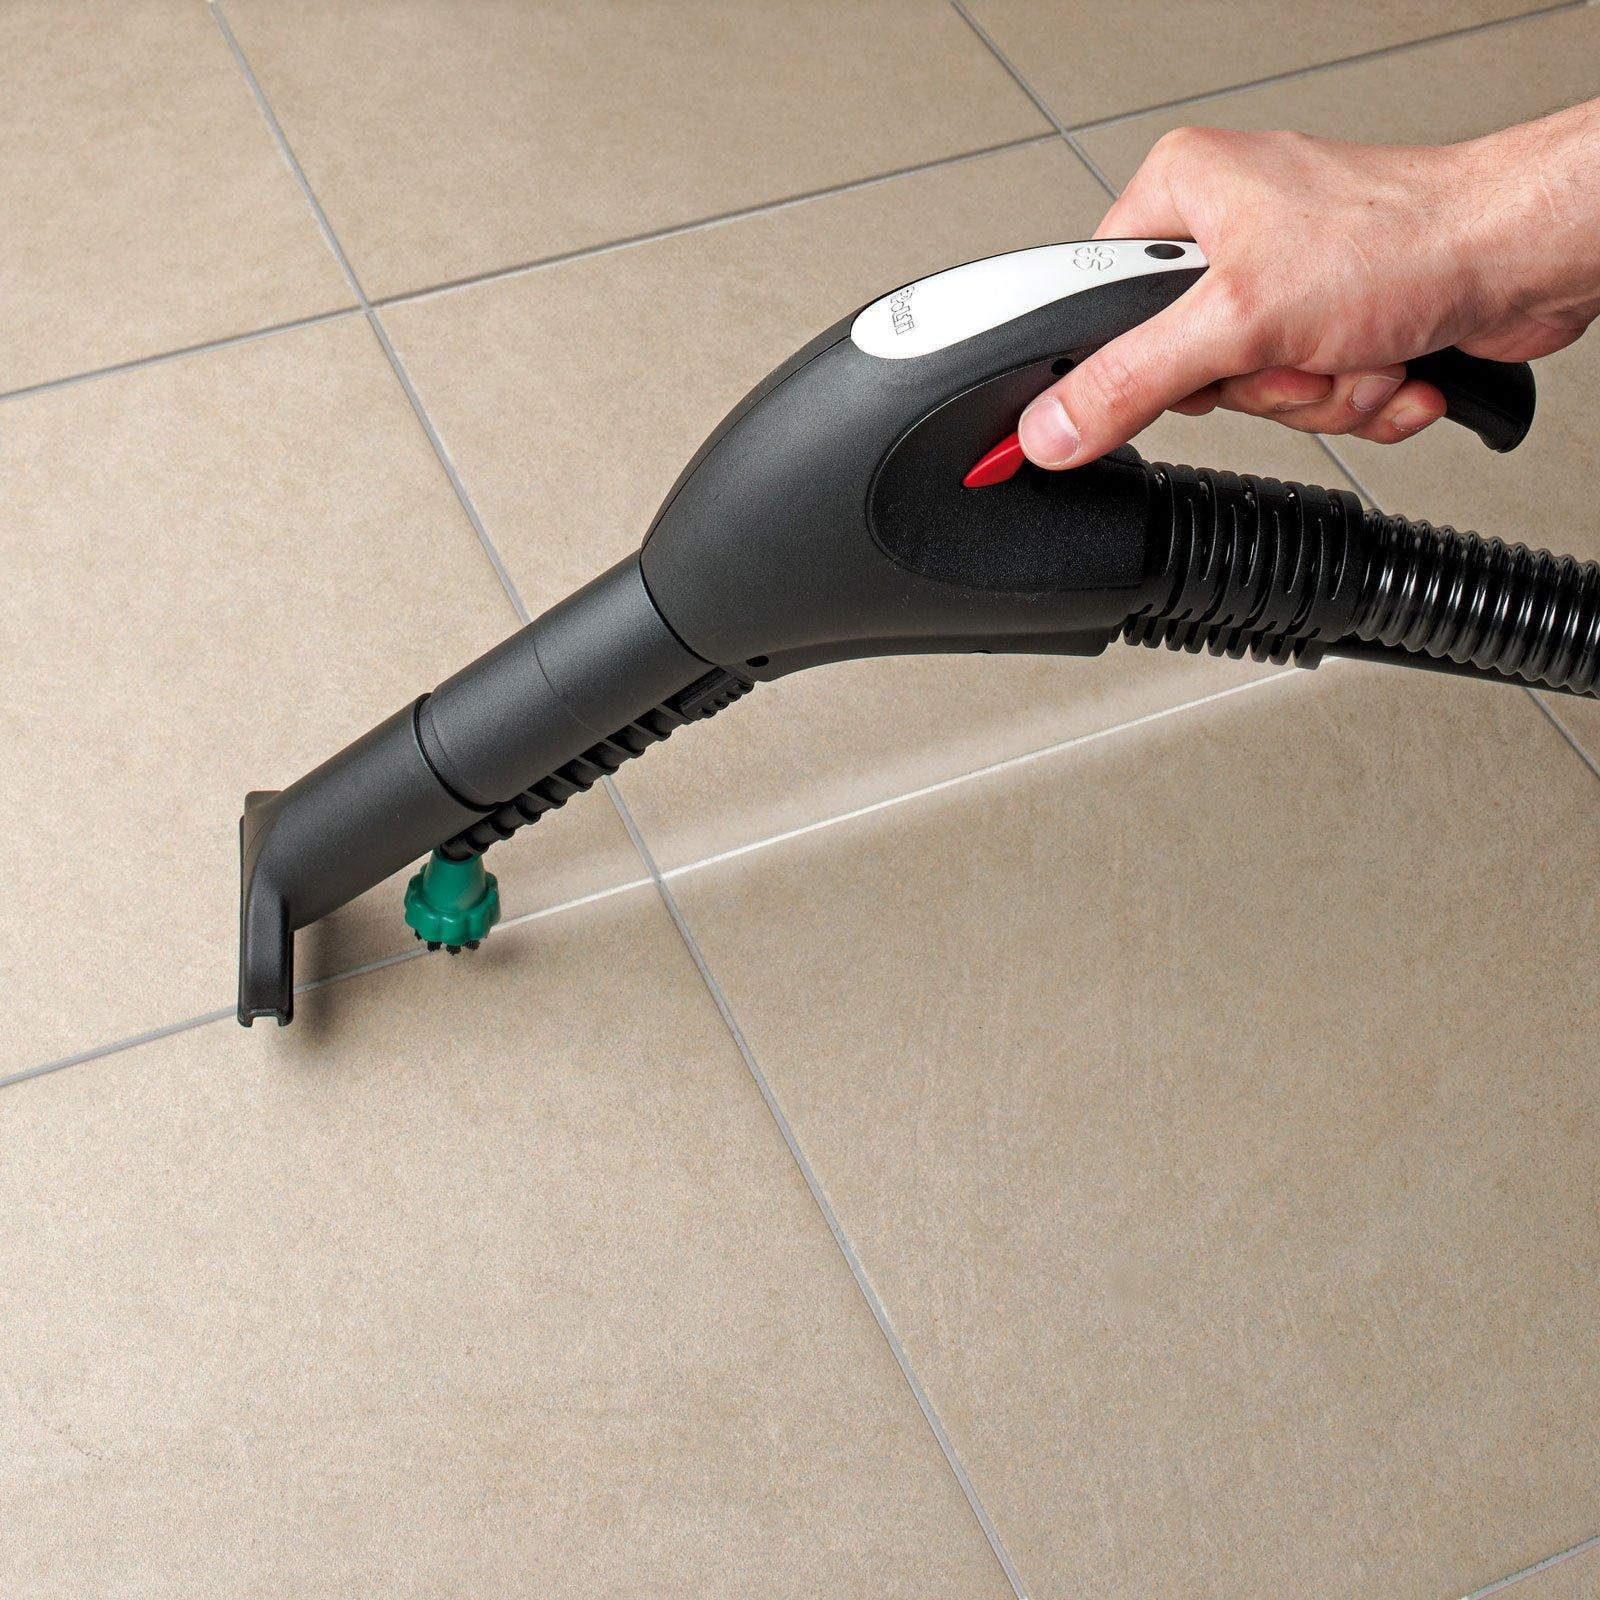 Pulire le fughe tra le piastrelle cose di casa - Pulire fughe piastrelle da olio ...